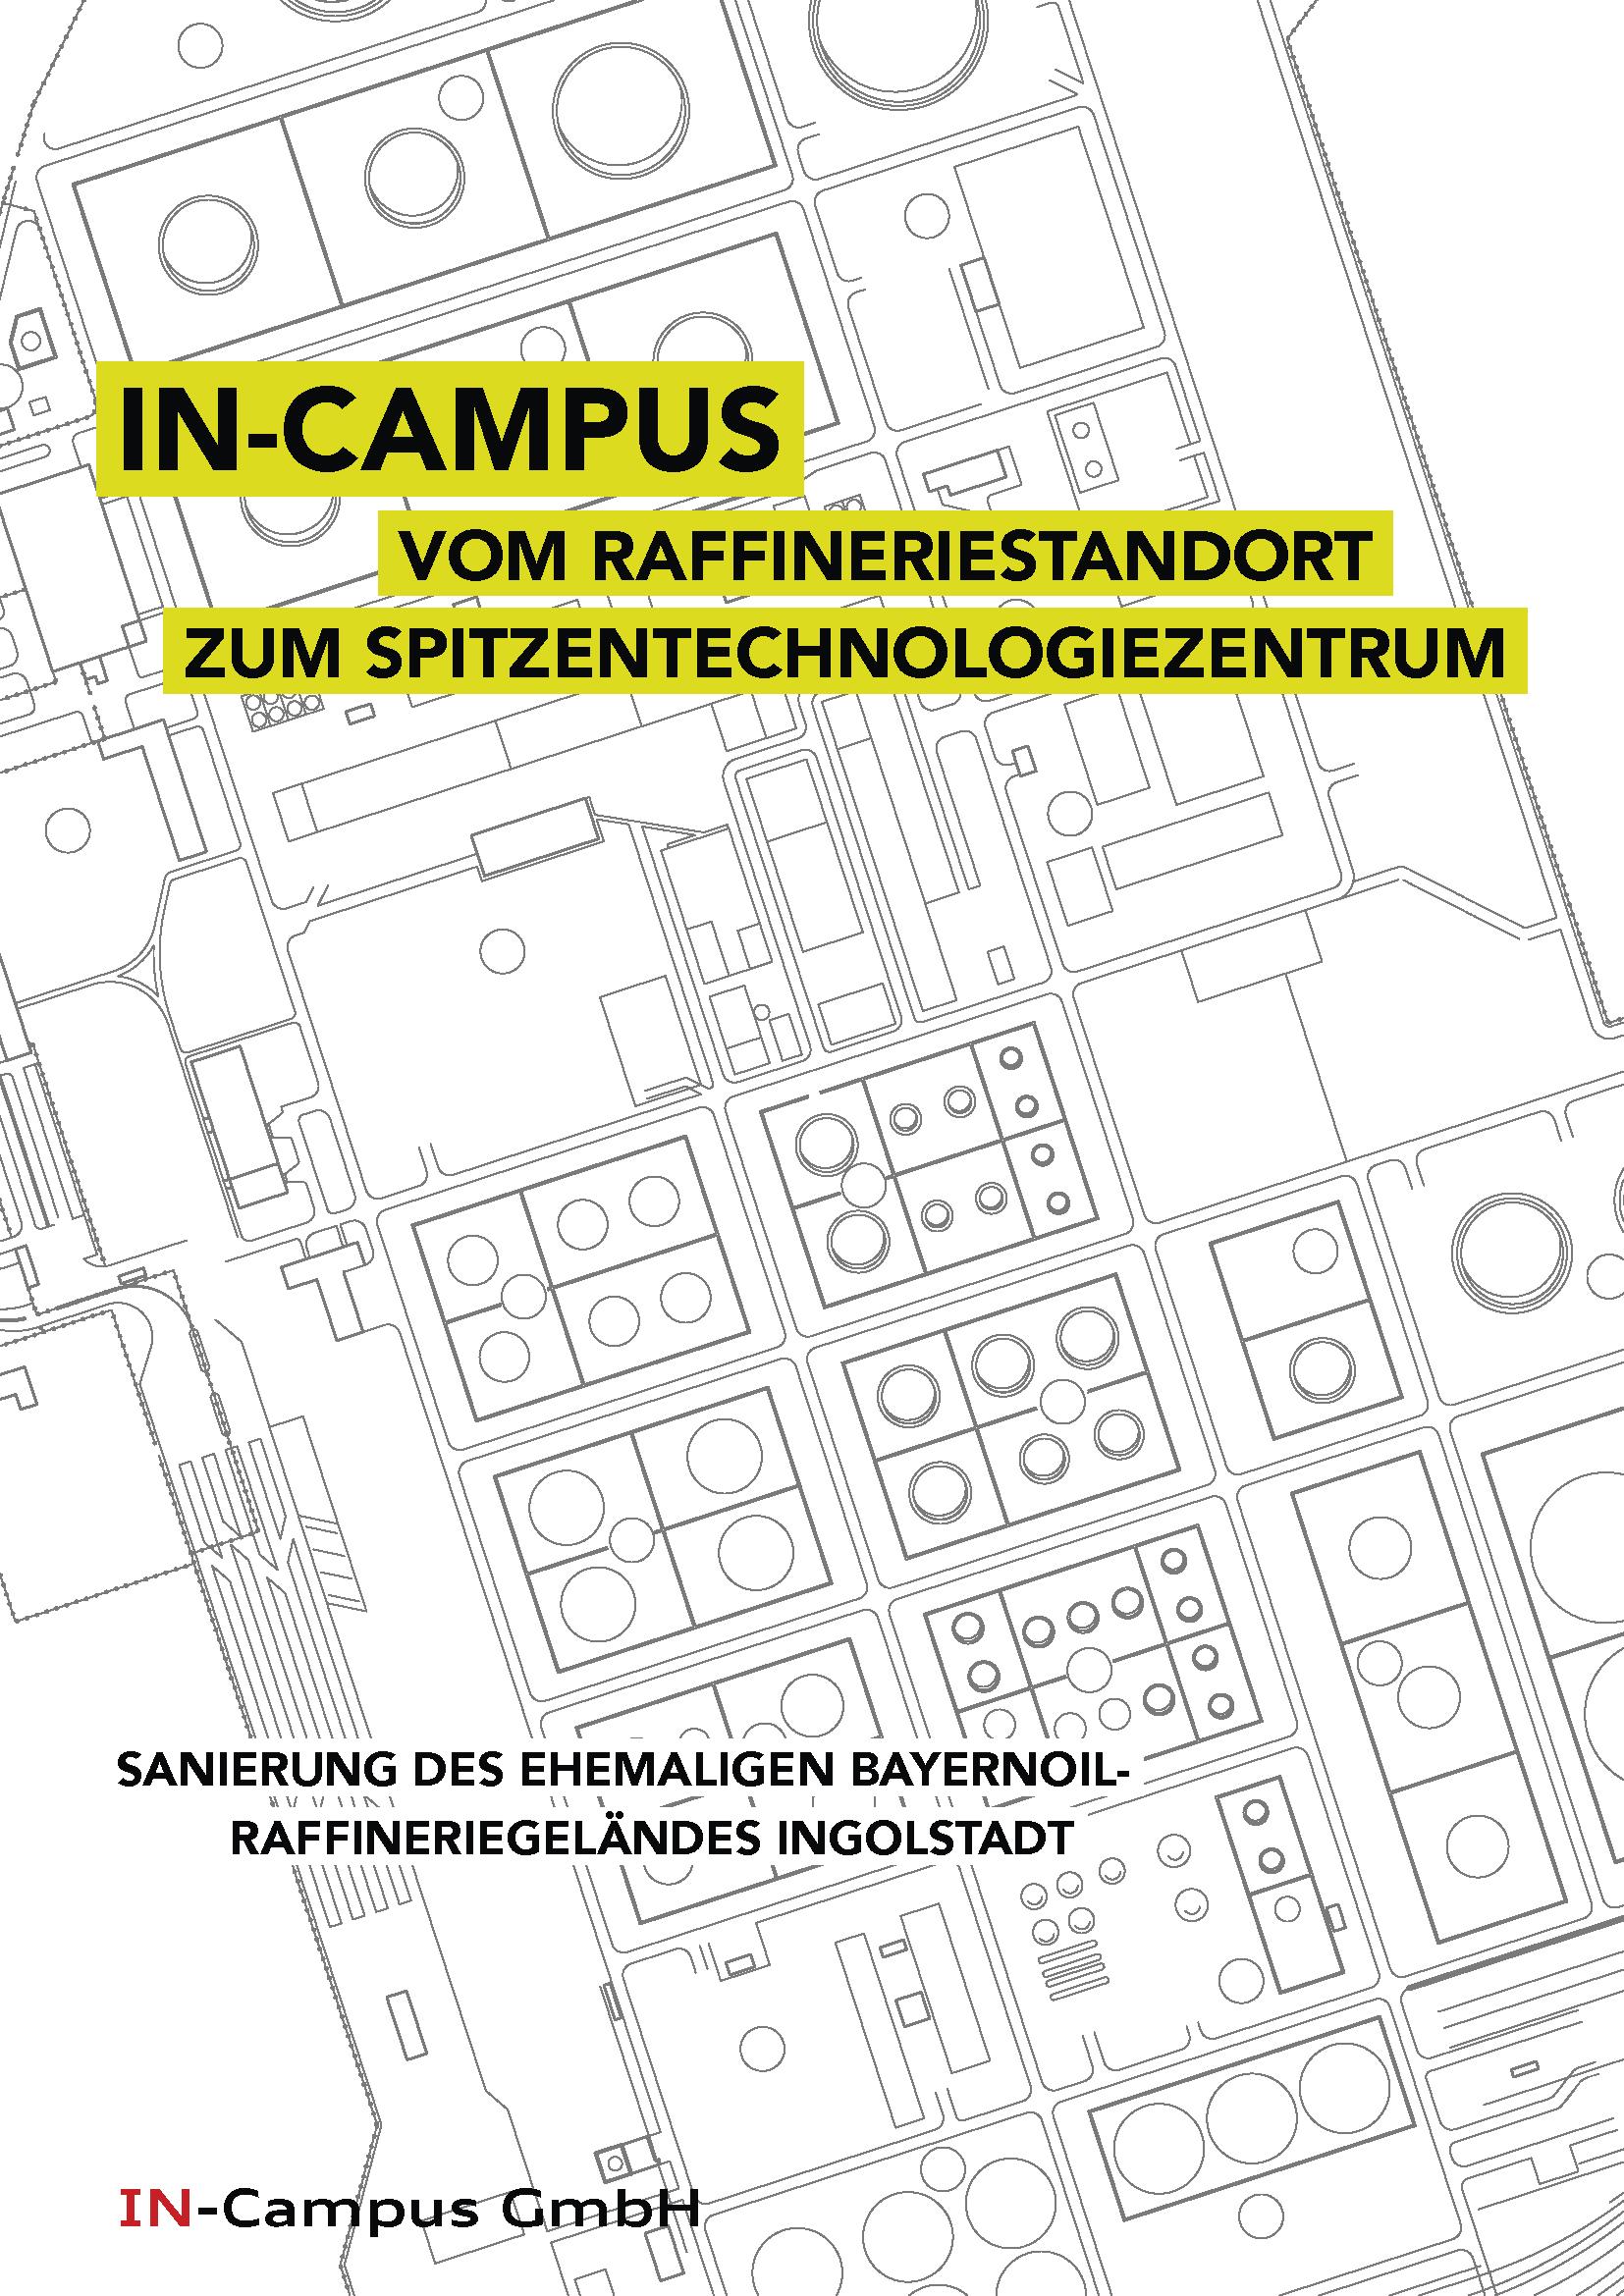 IN-Campus Broschüre